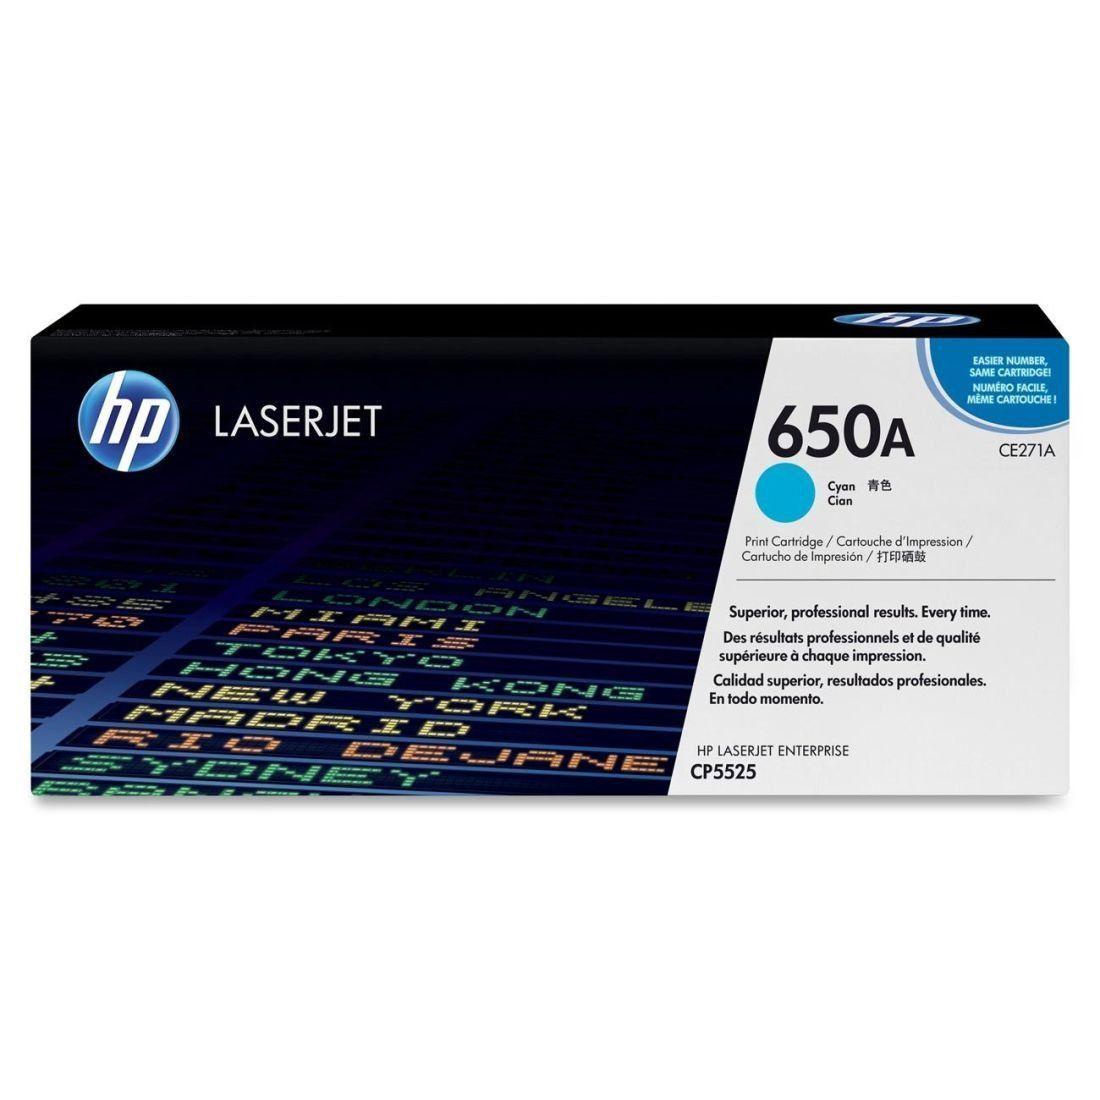 Toner LaserJet ciano HP 650A Original CE271A | AC